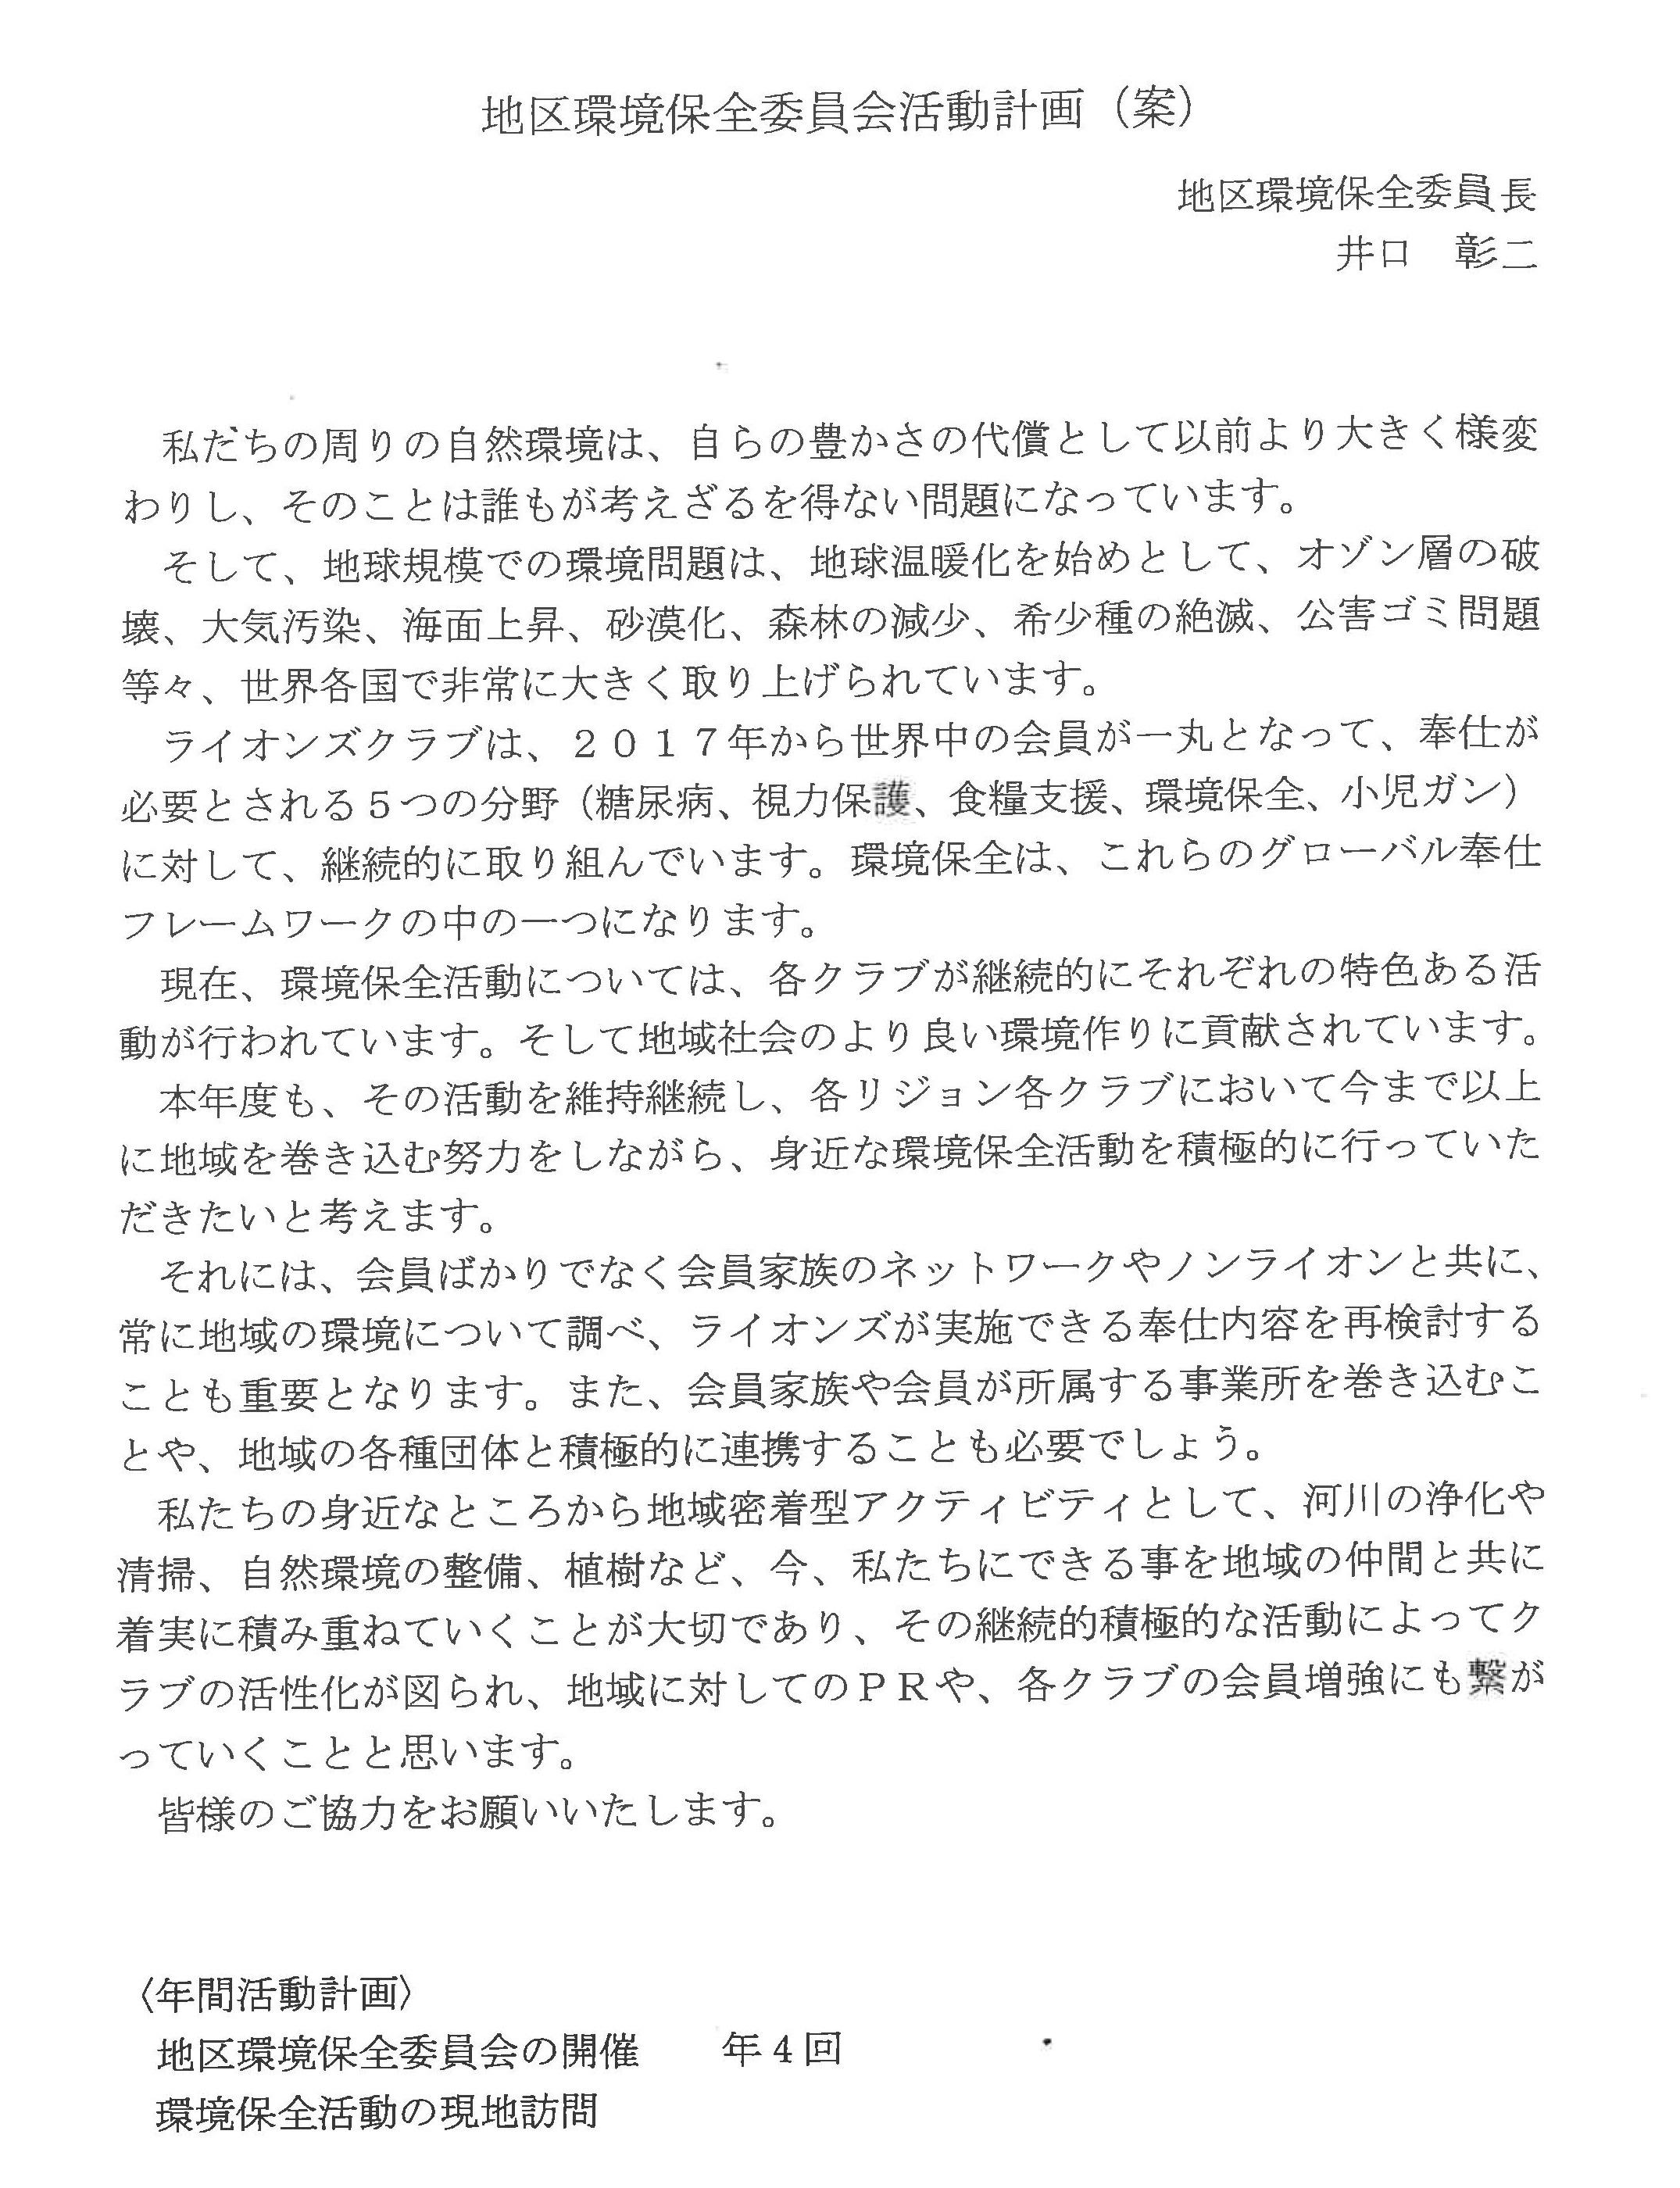 42第1回G諮問委員会Z会議 地区環境保全委員会 活動計画(案)1